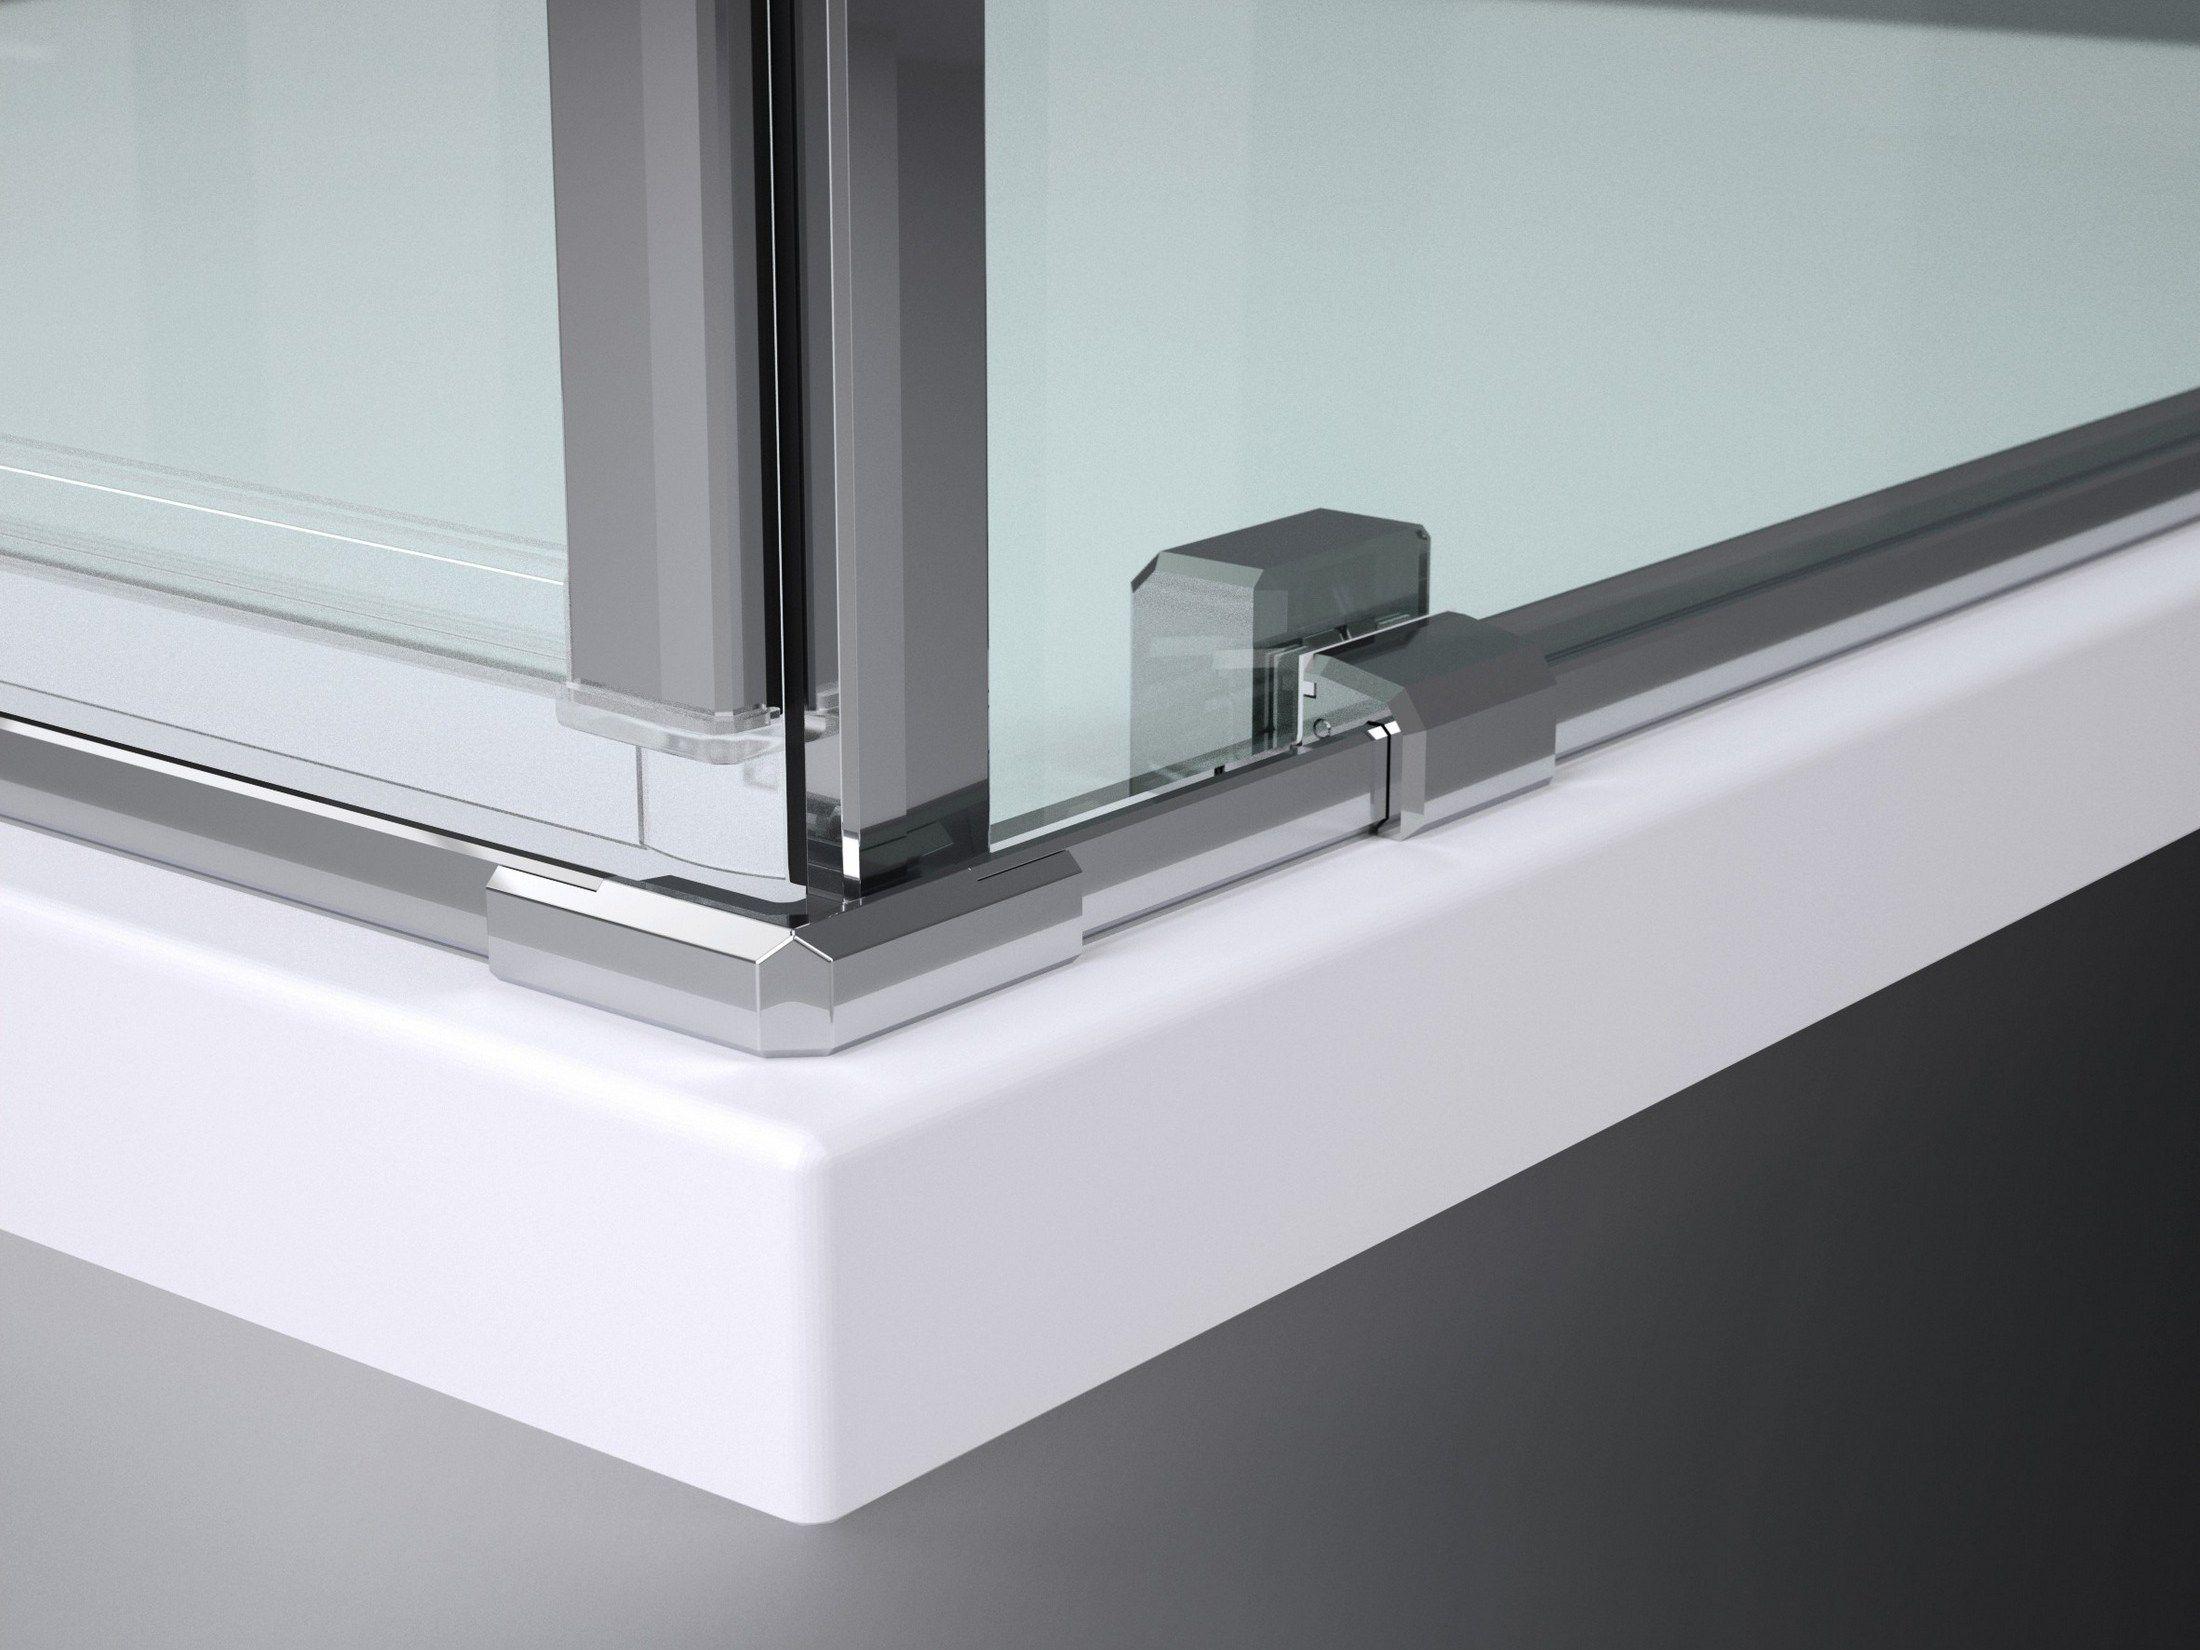 Cabine de douche en niche en verre tremp tiquadro qm by vismaravetro design - Douche en verre trempe ...